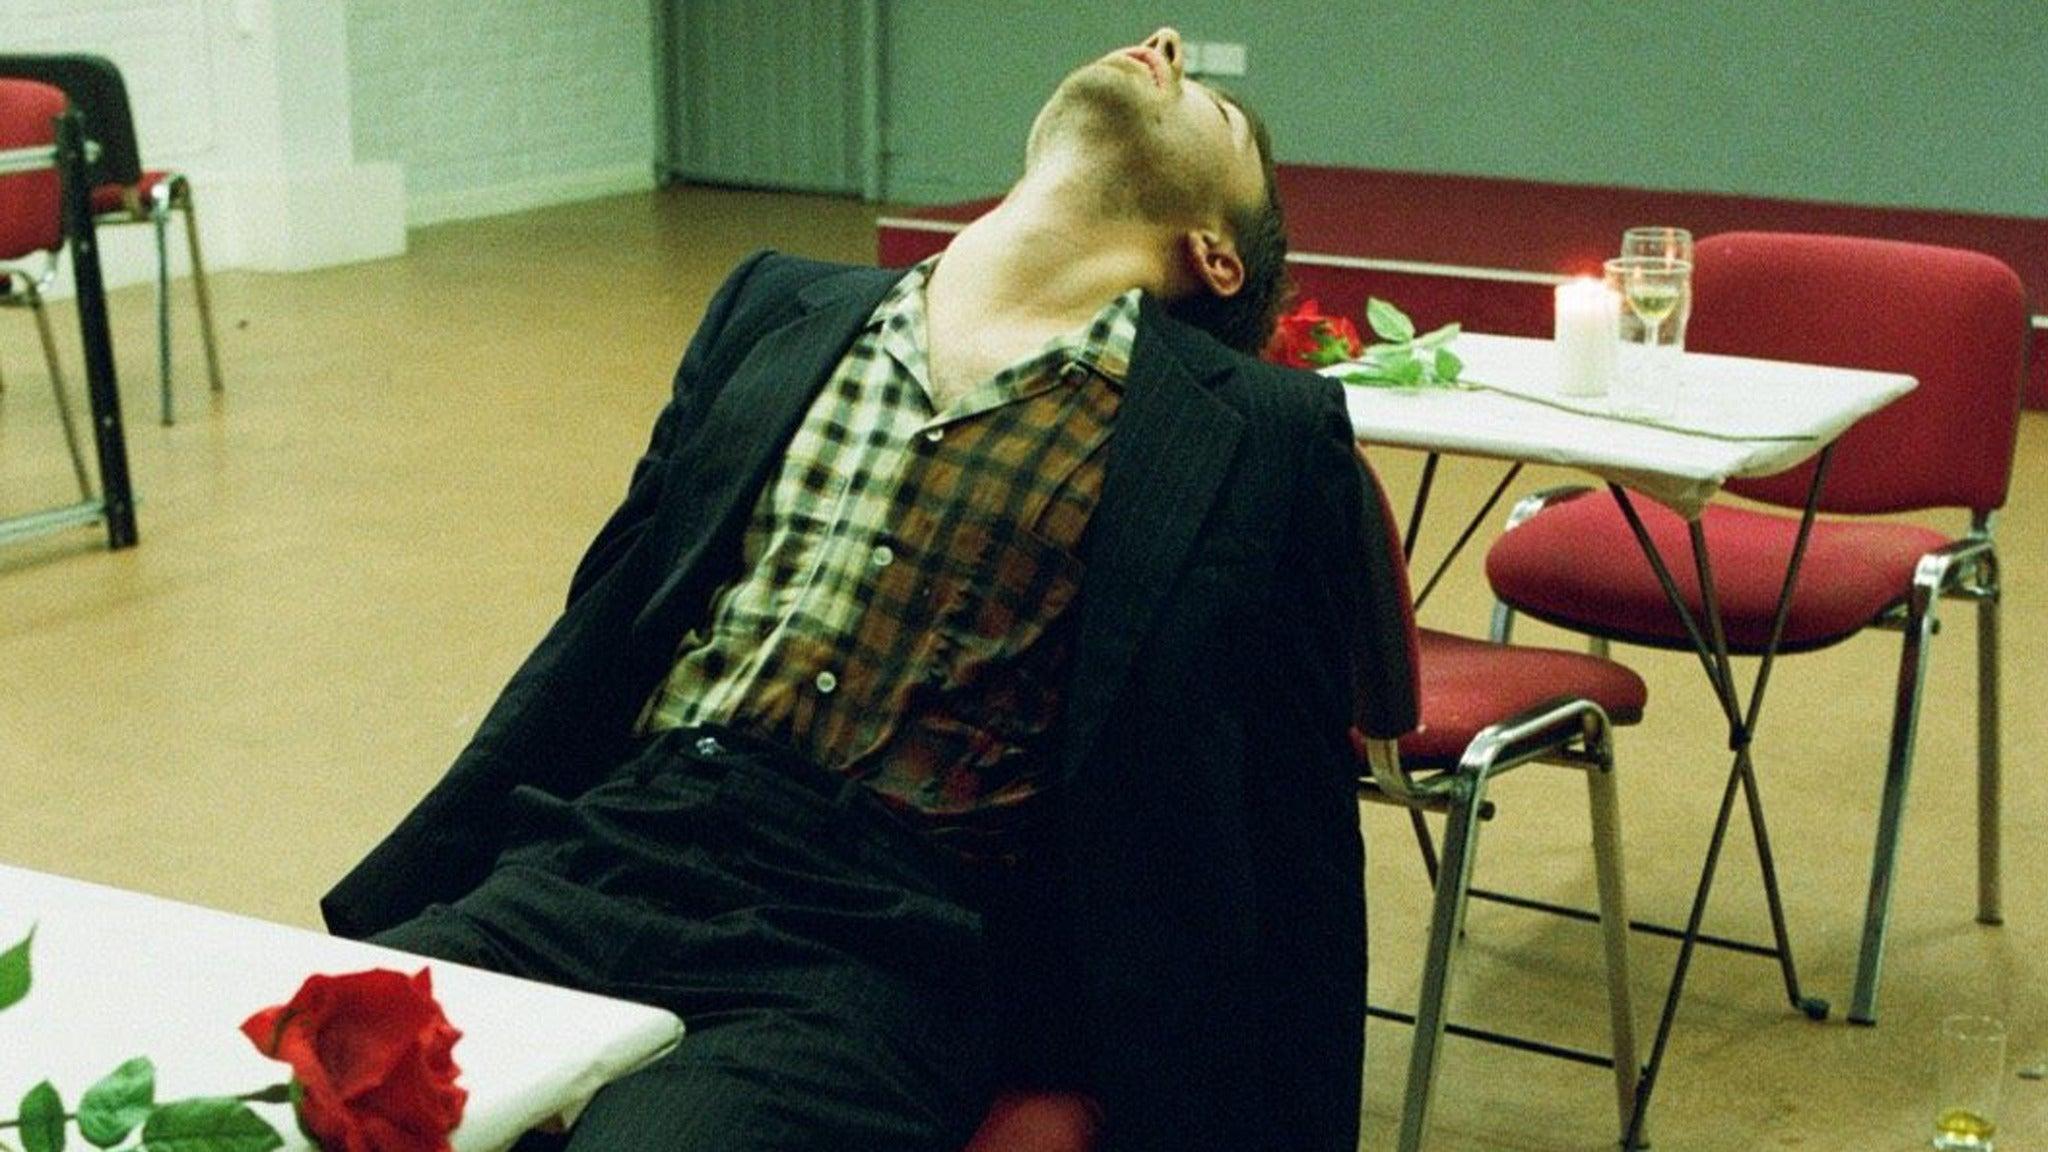 Matt Maltese at BEAT KITCHEN - CHICAGO, IL 60601